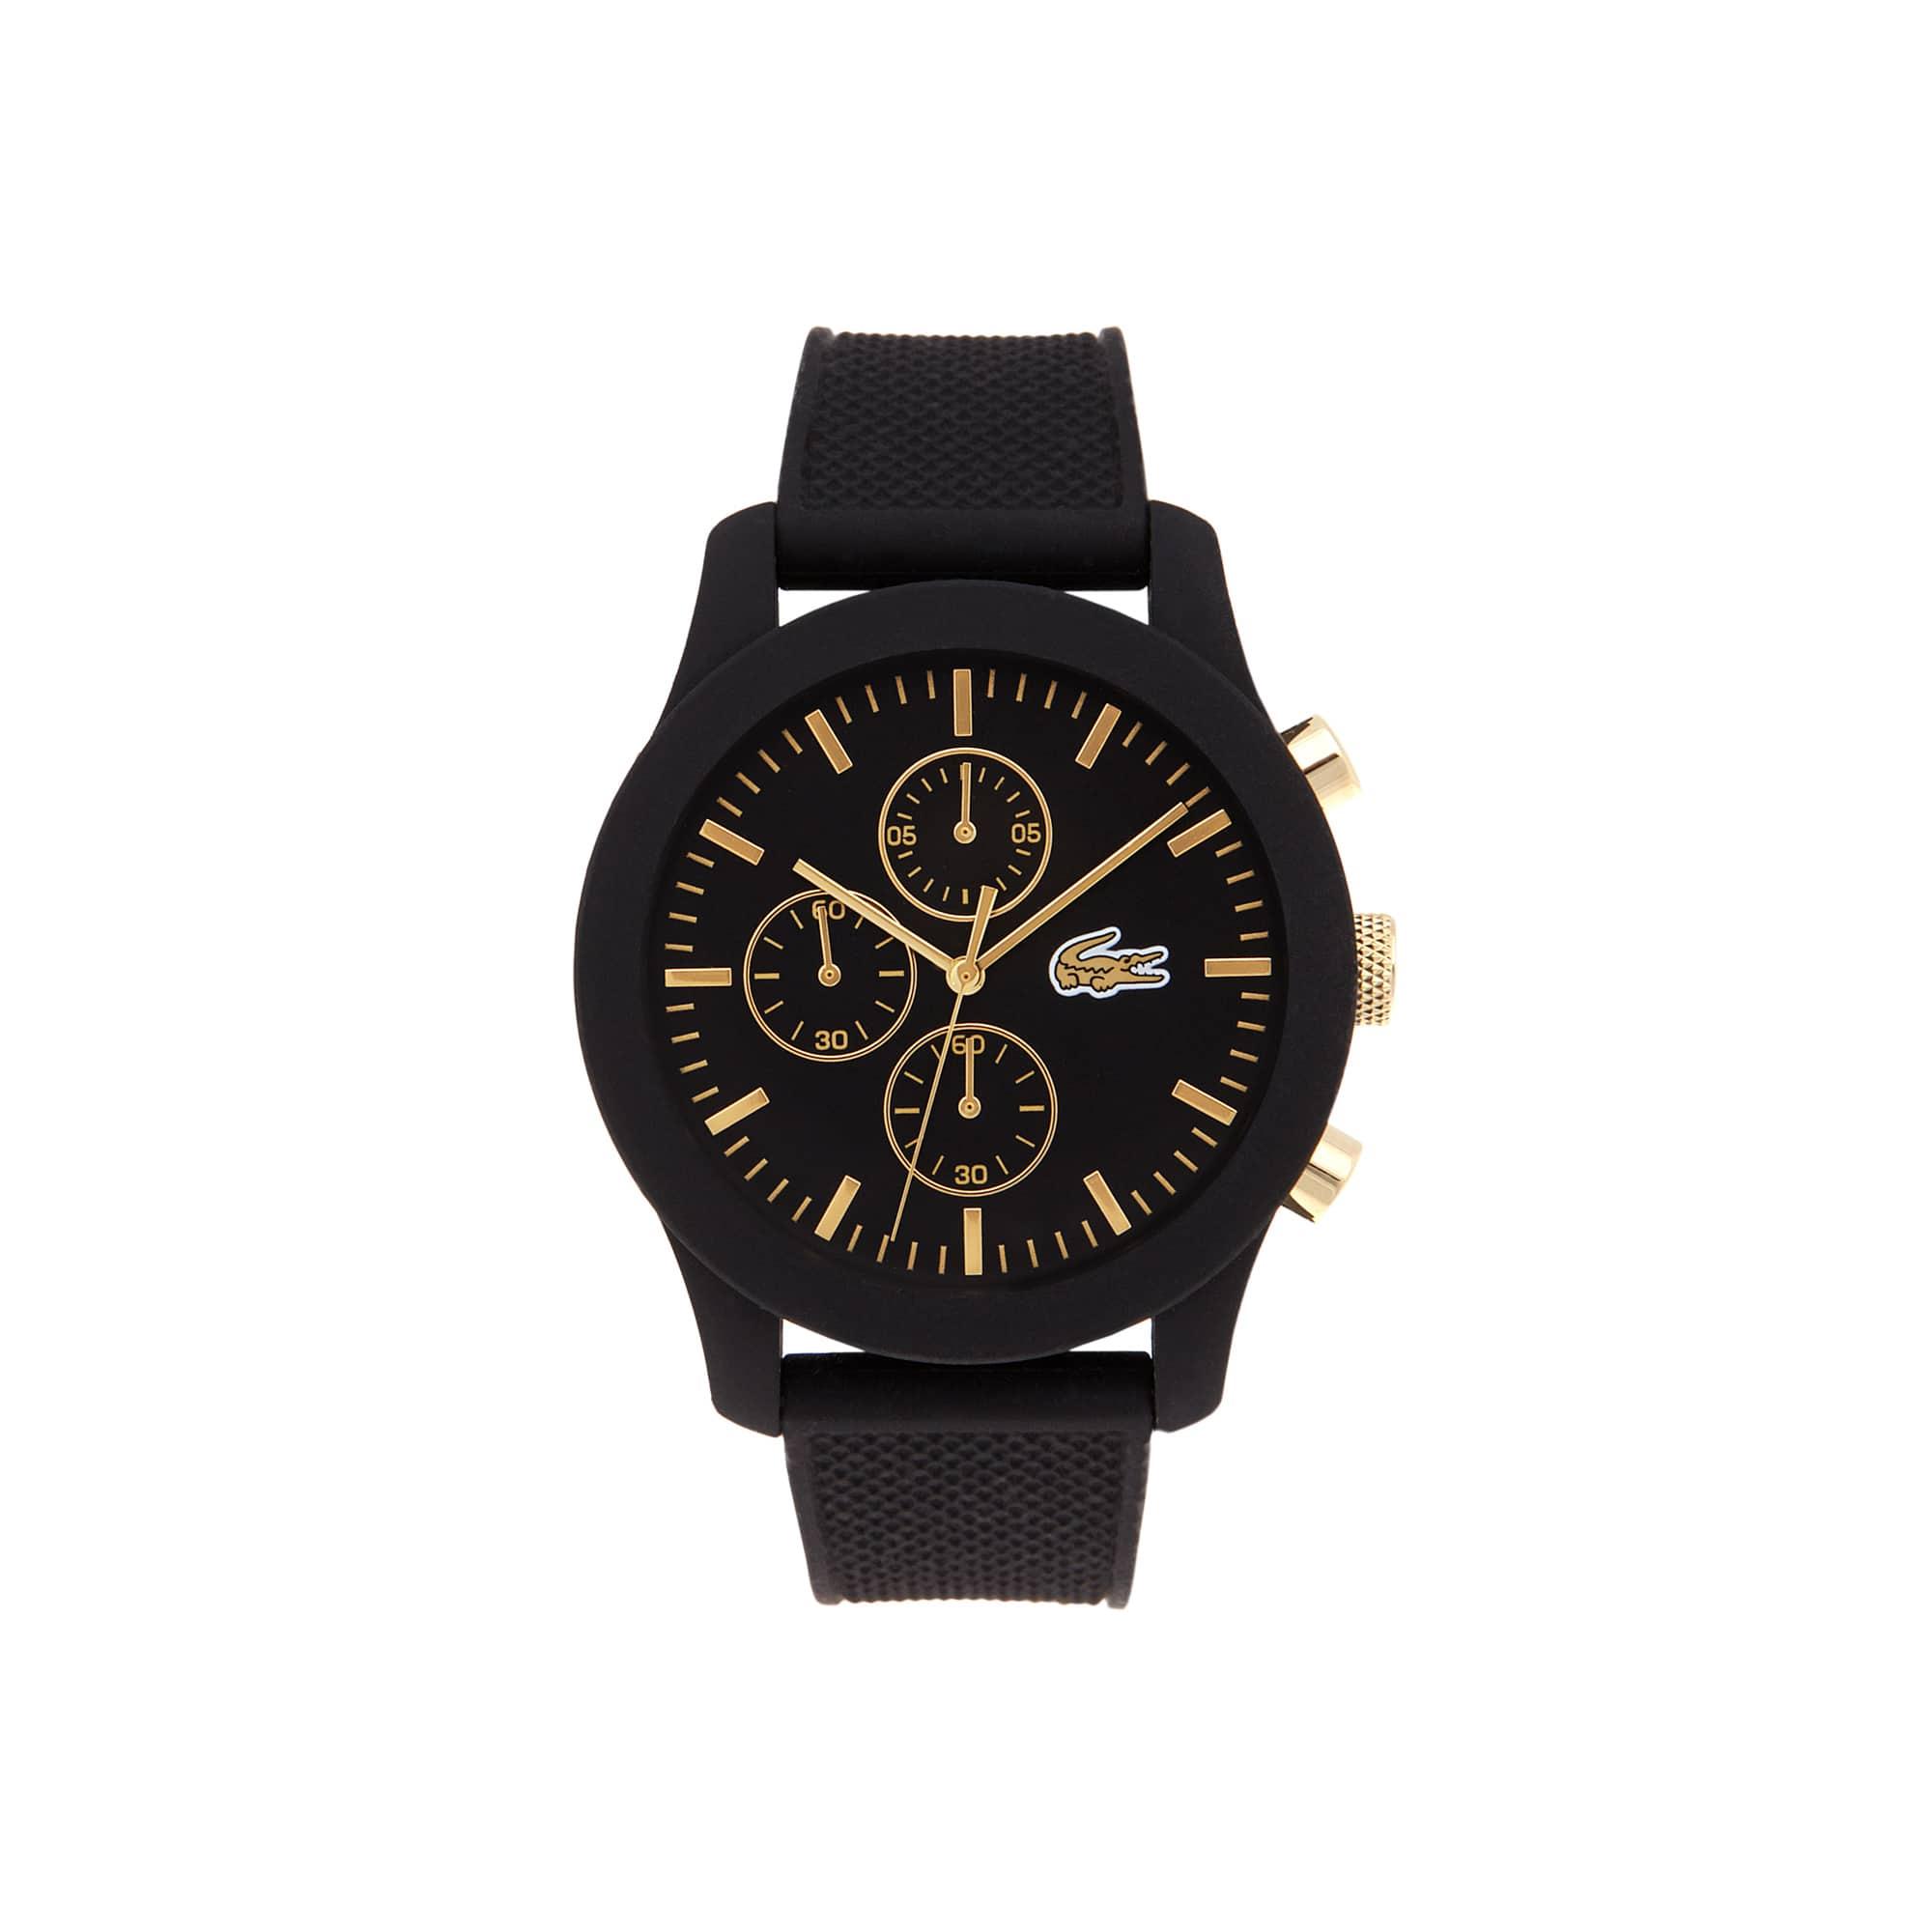 LACOSTE 12.12 Herren-Chronograph mit schwarzem Silikonband